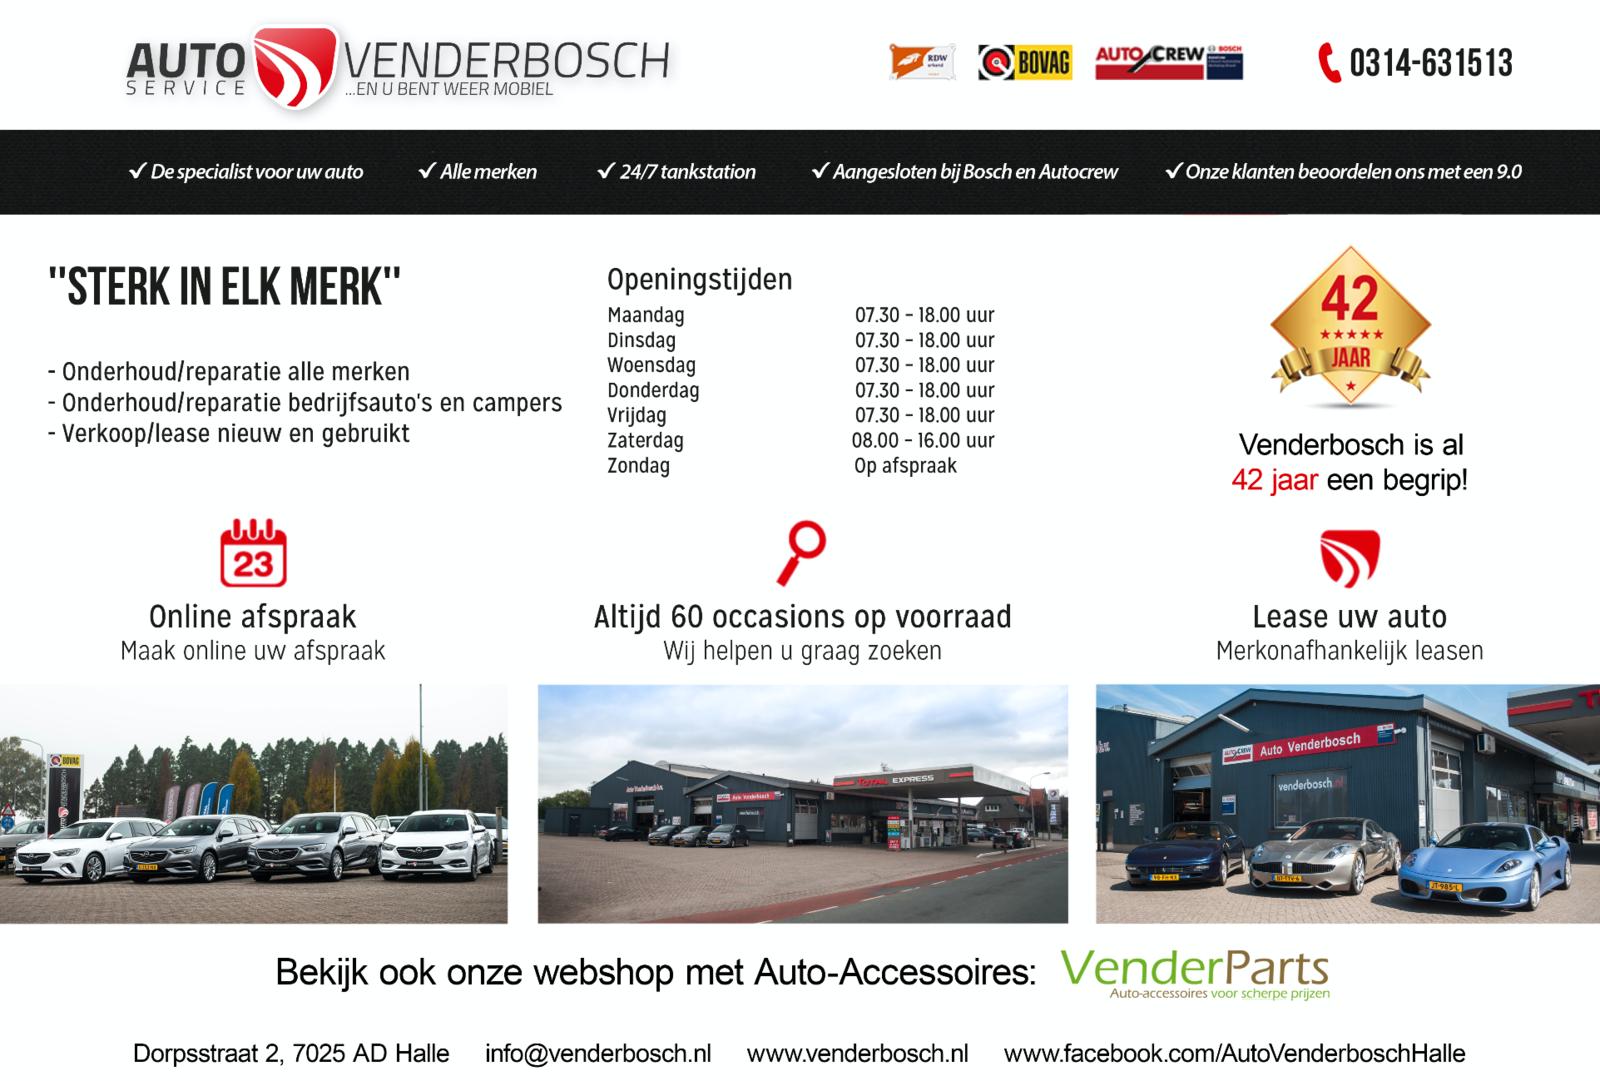 venderbosch